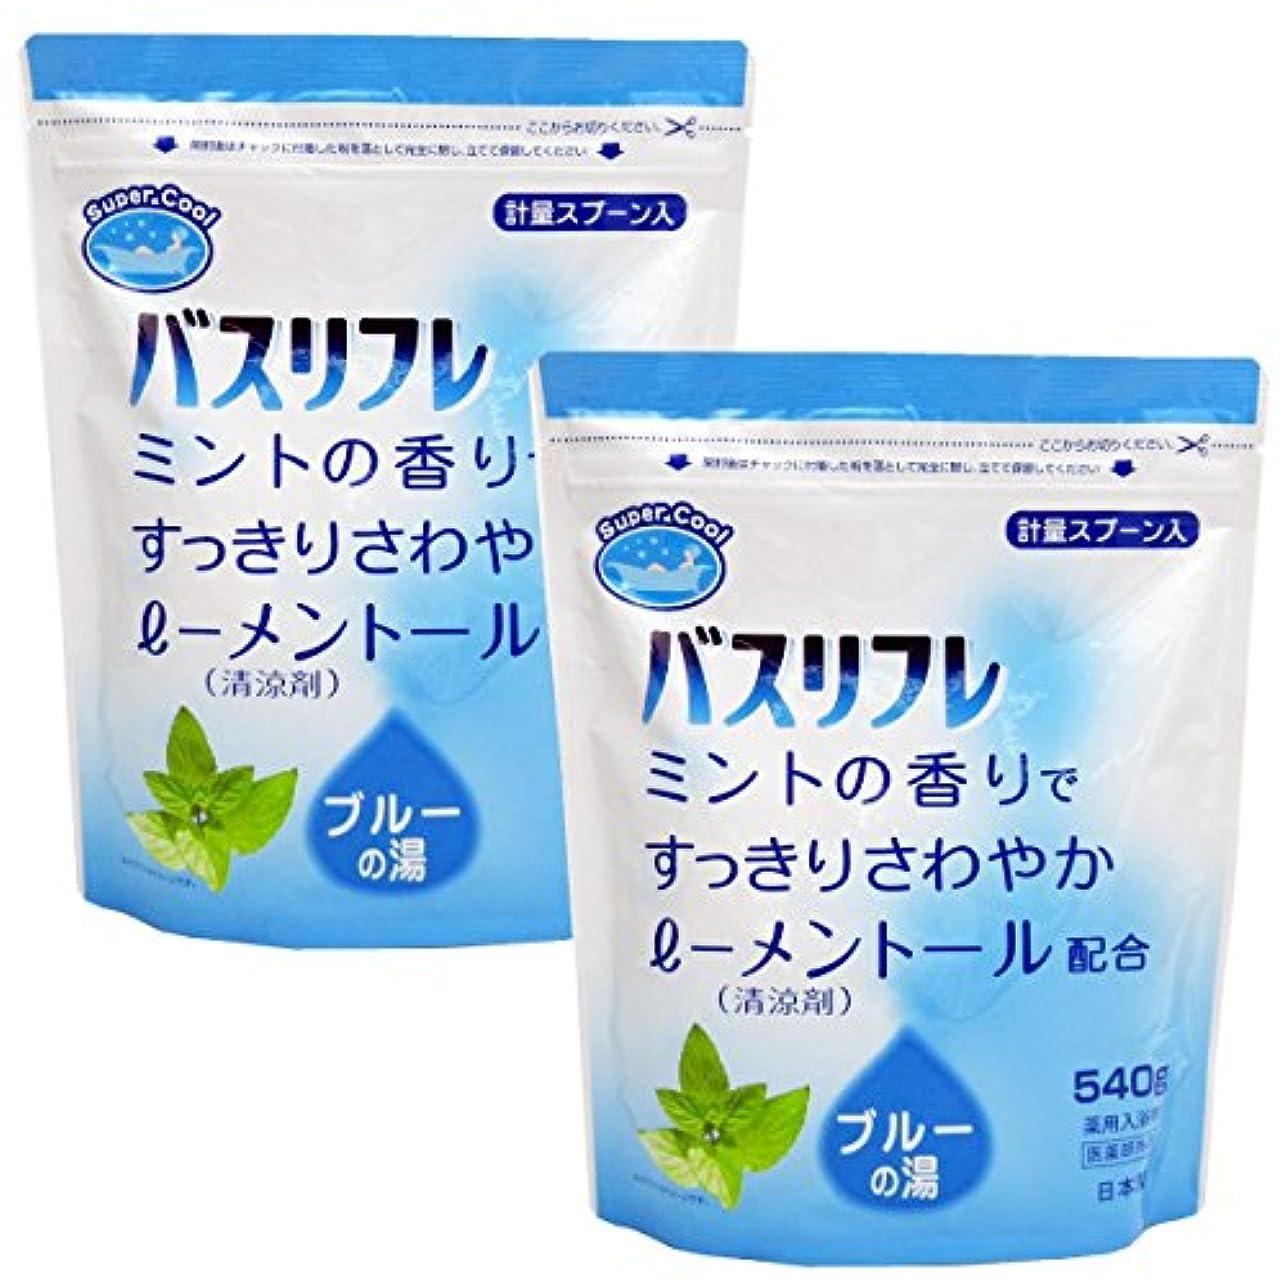 入浴剤 クール 薬用入浴剤 バスリフレ スーパークール540g×2個セット 日本製